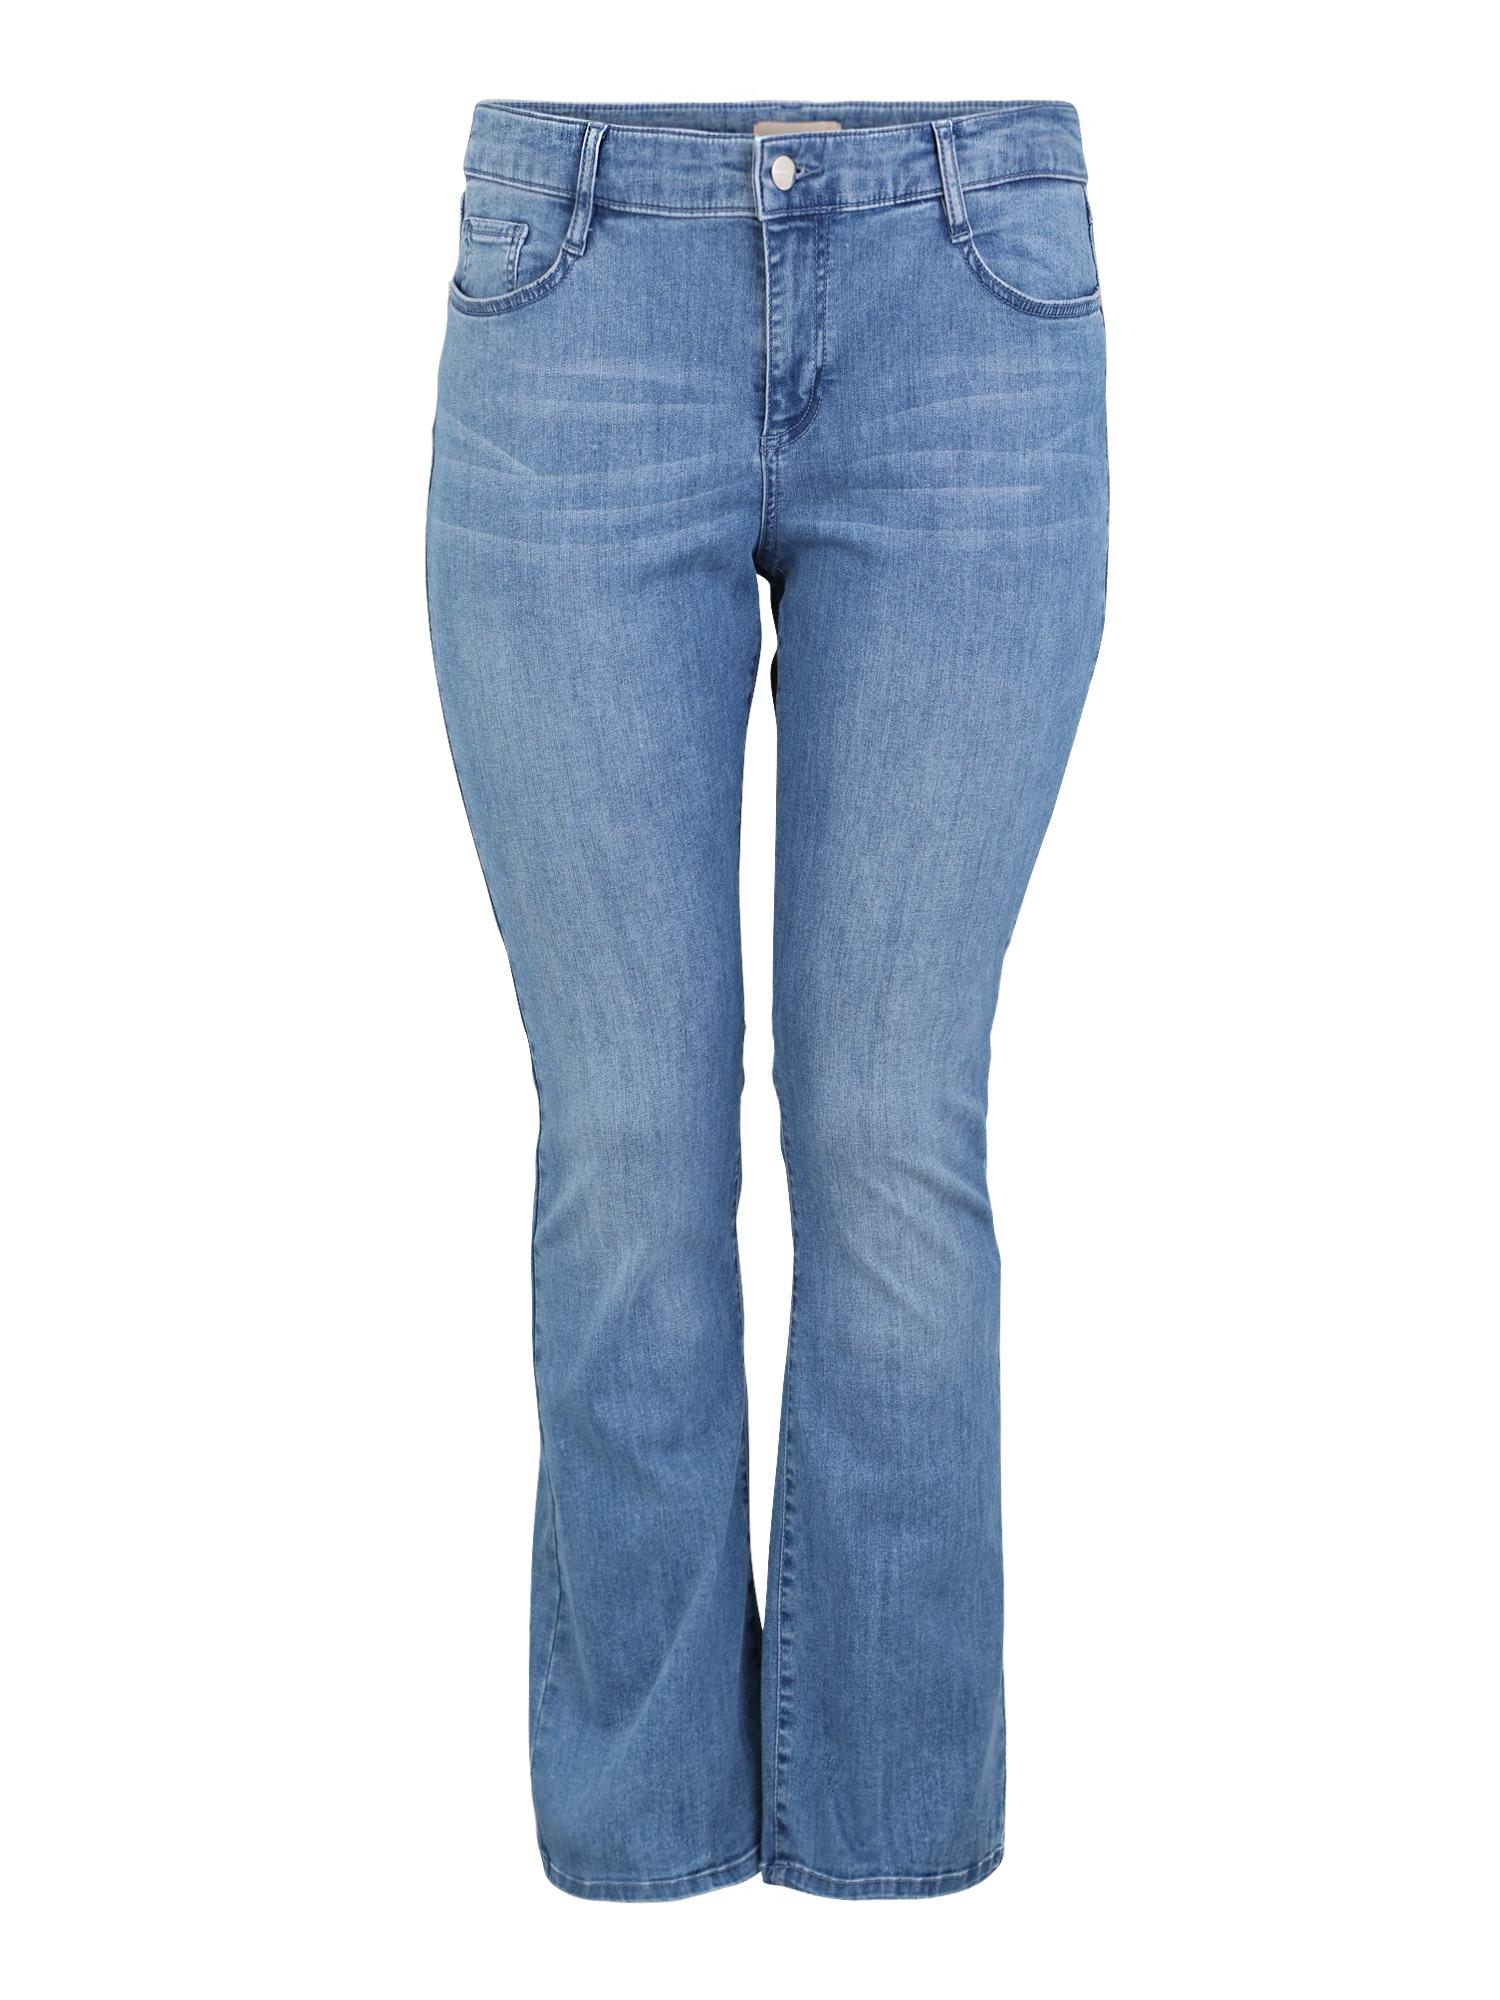 Džíny CURVY FIT modrá džínovina TRIANGLE